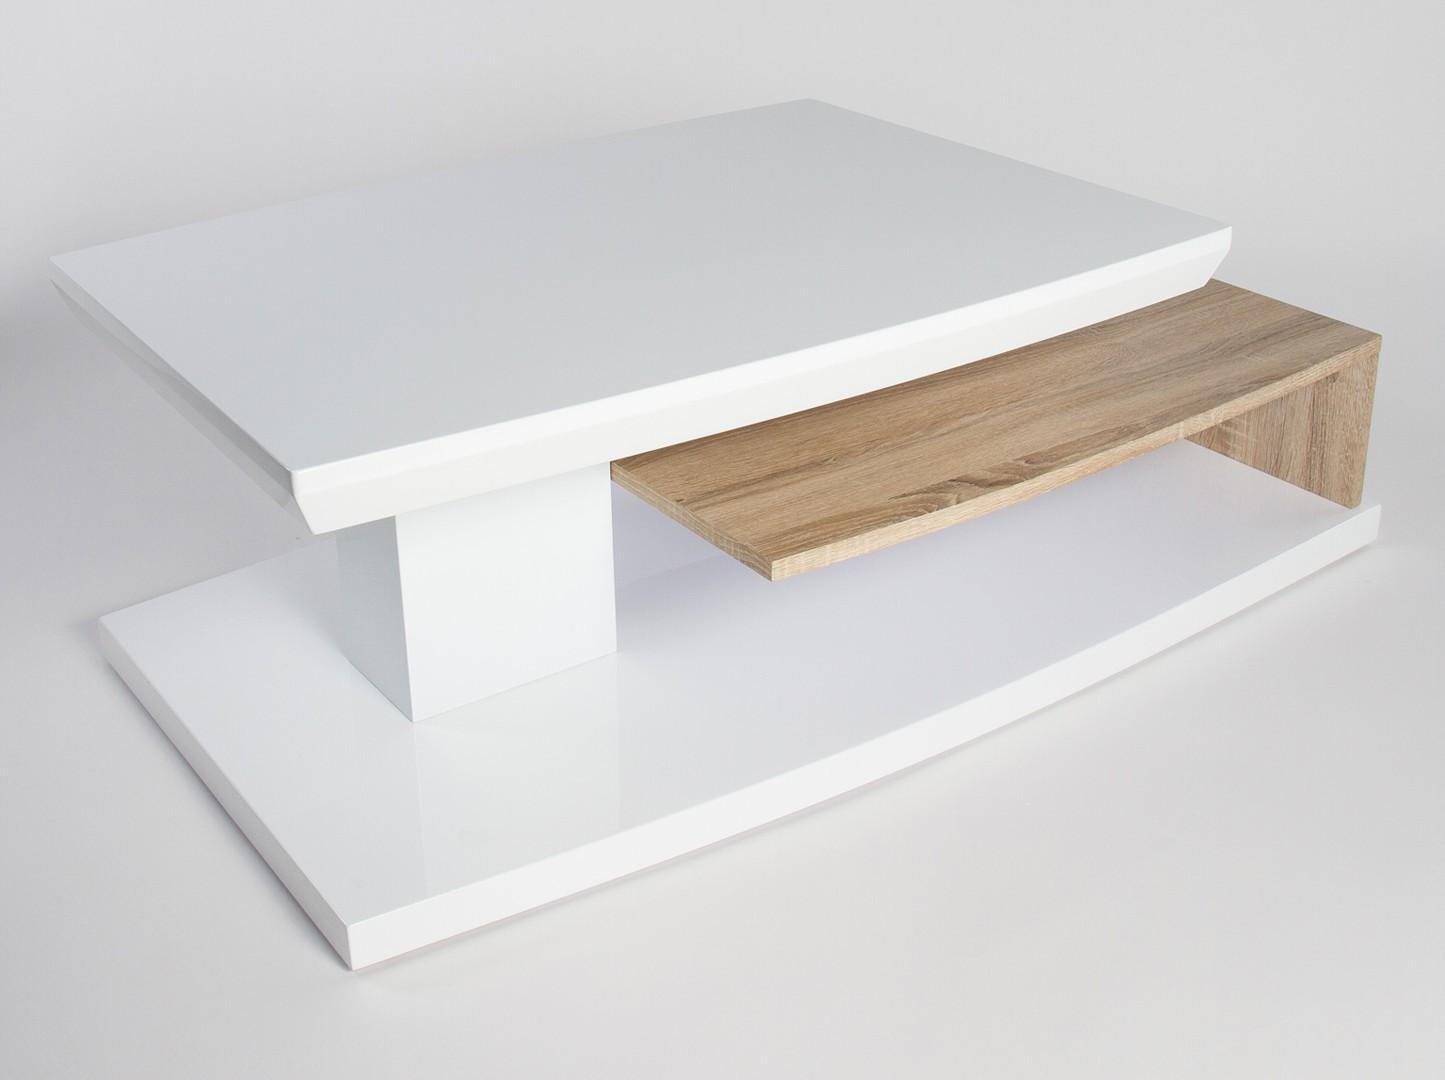 Table basse laqué blanc bois